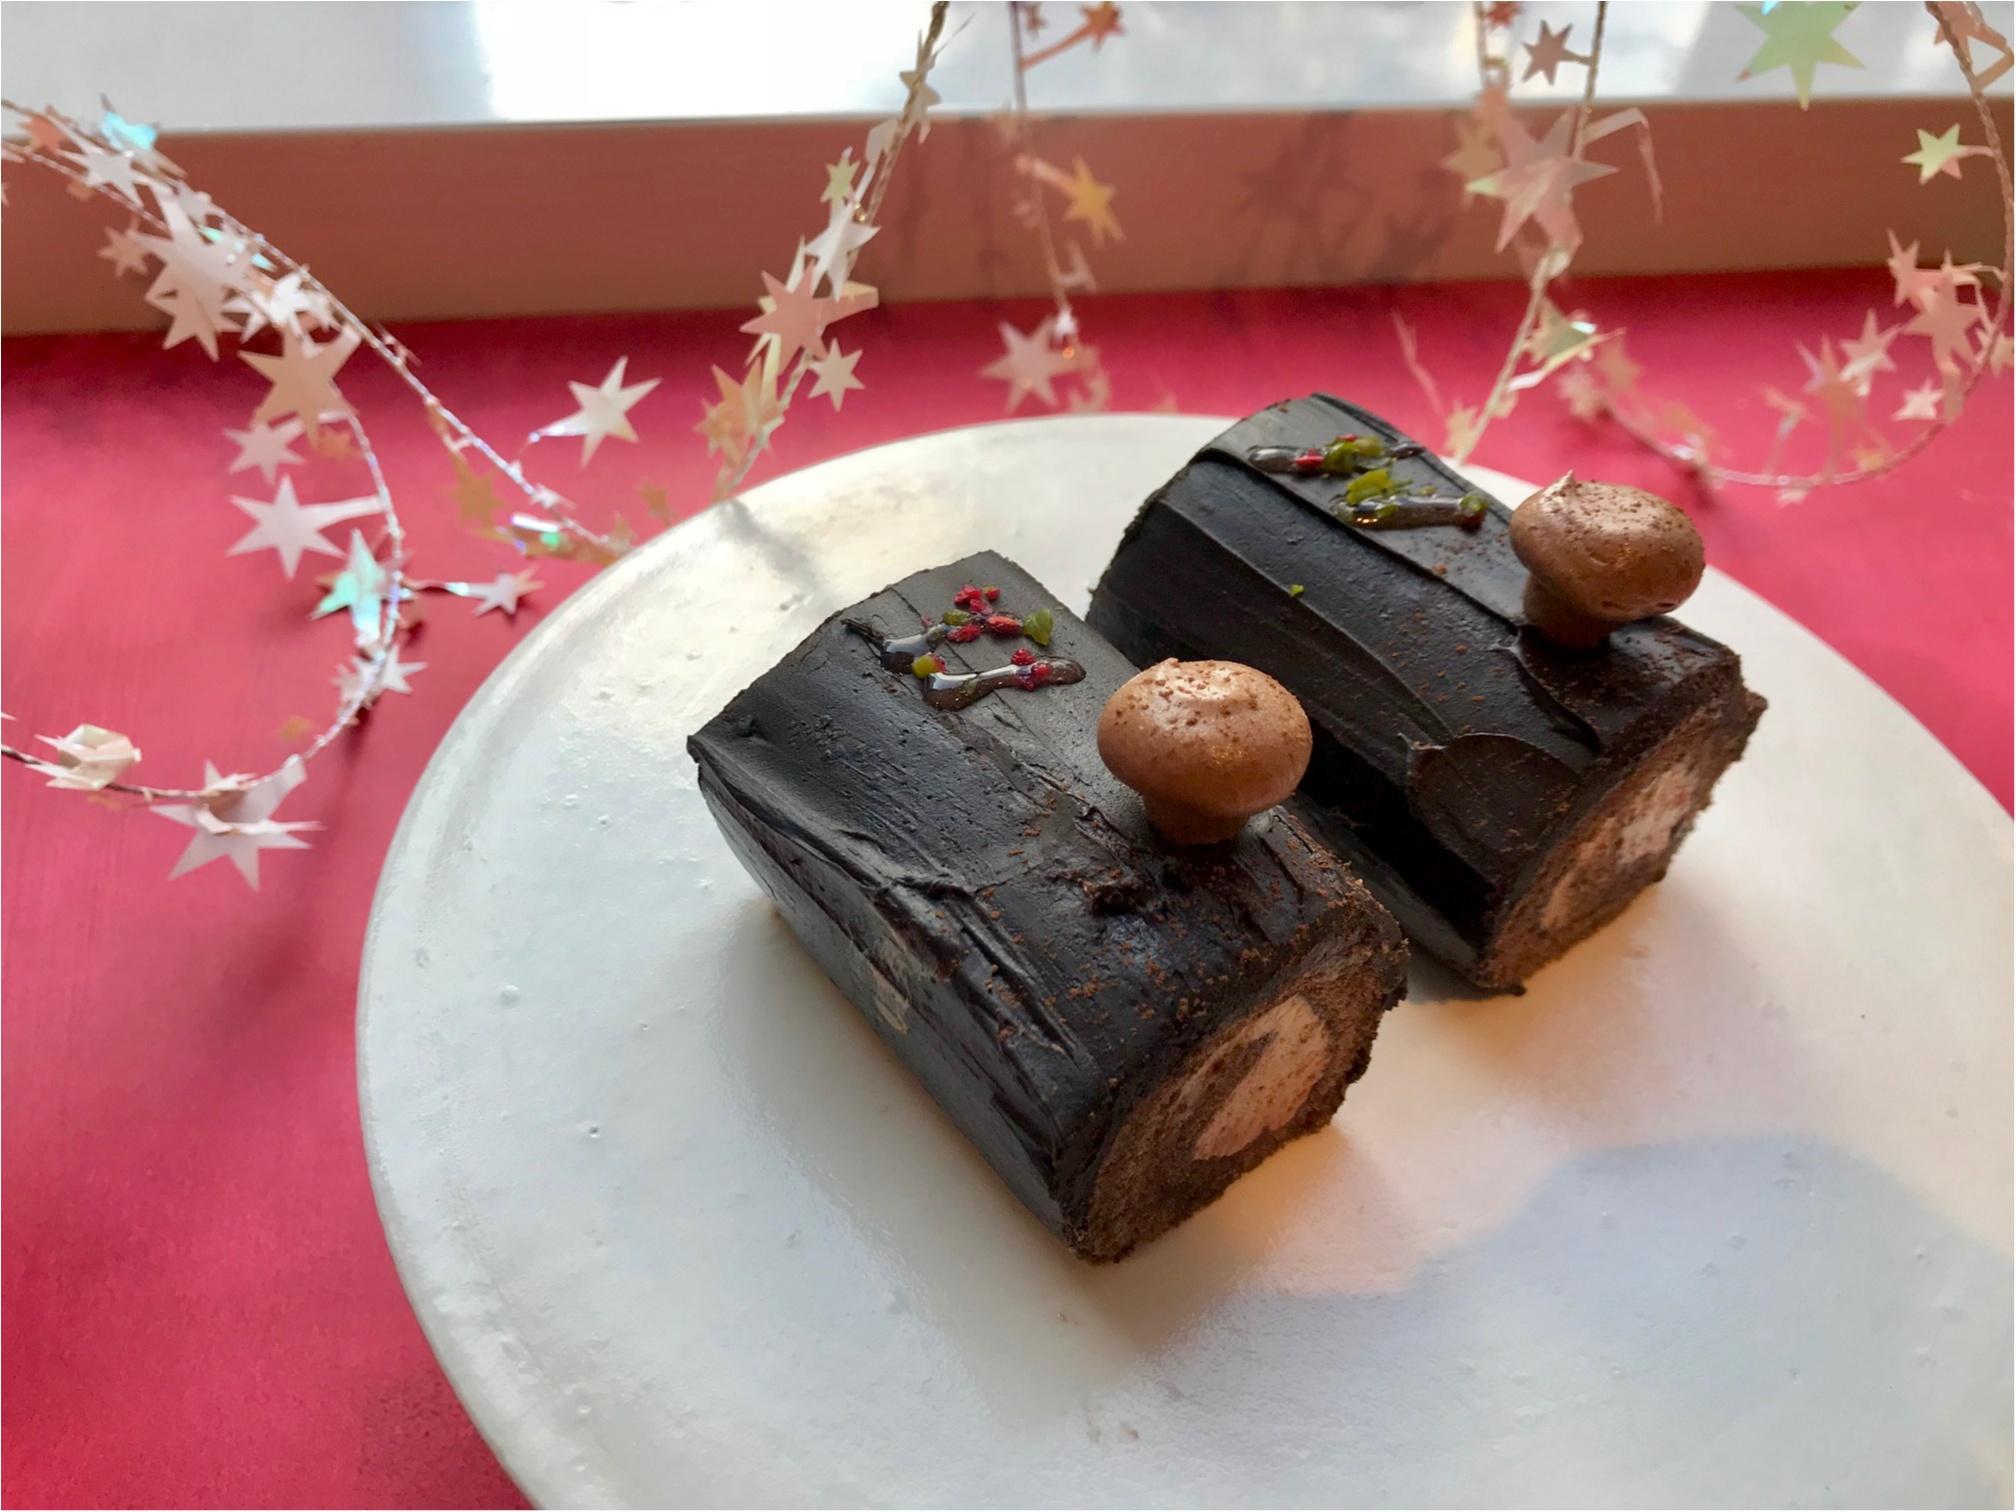 スタバ【新作試飲レポ】! 「クリスマス ストロベリー ケーキ フラペチーノ」他で、高まるクリスマス気分♡_6